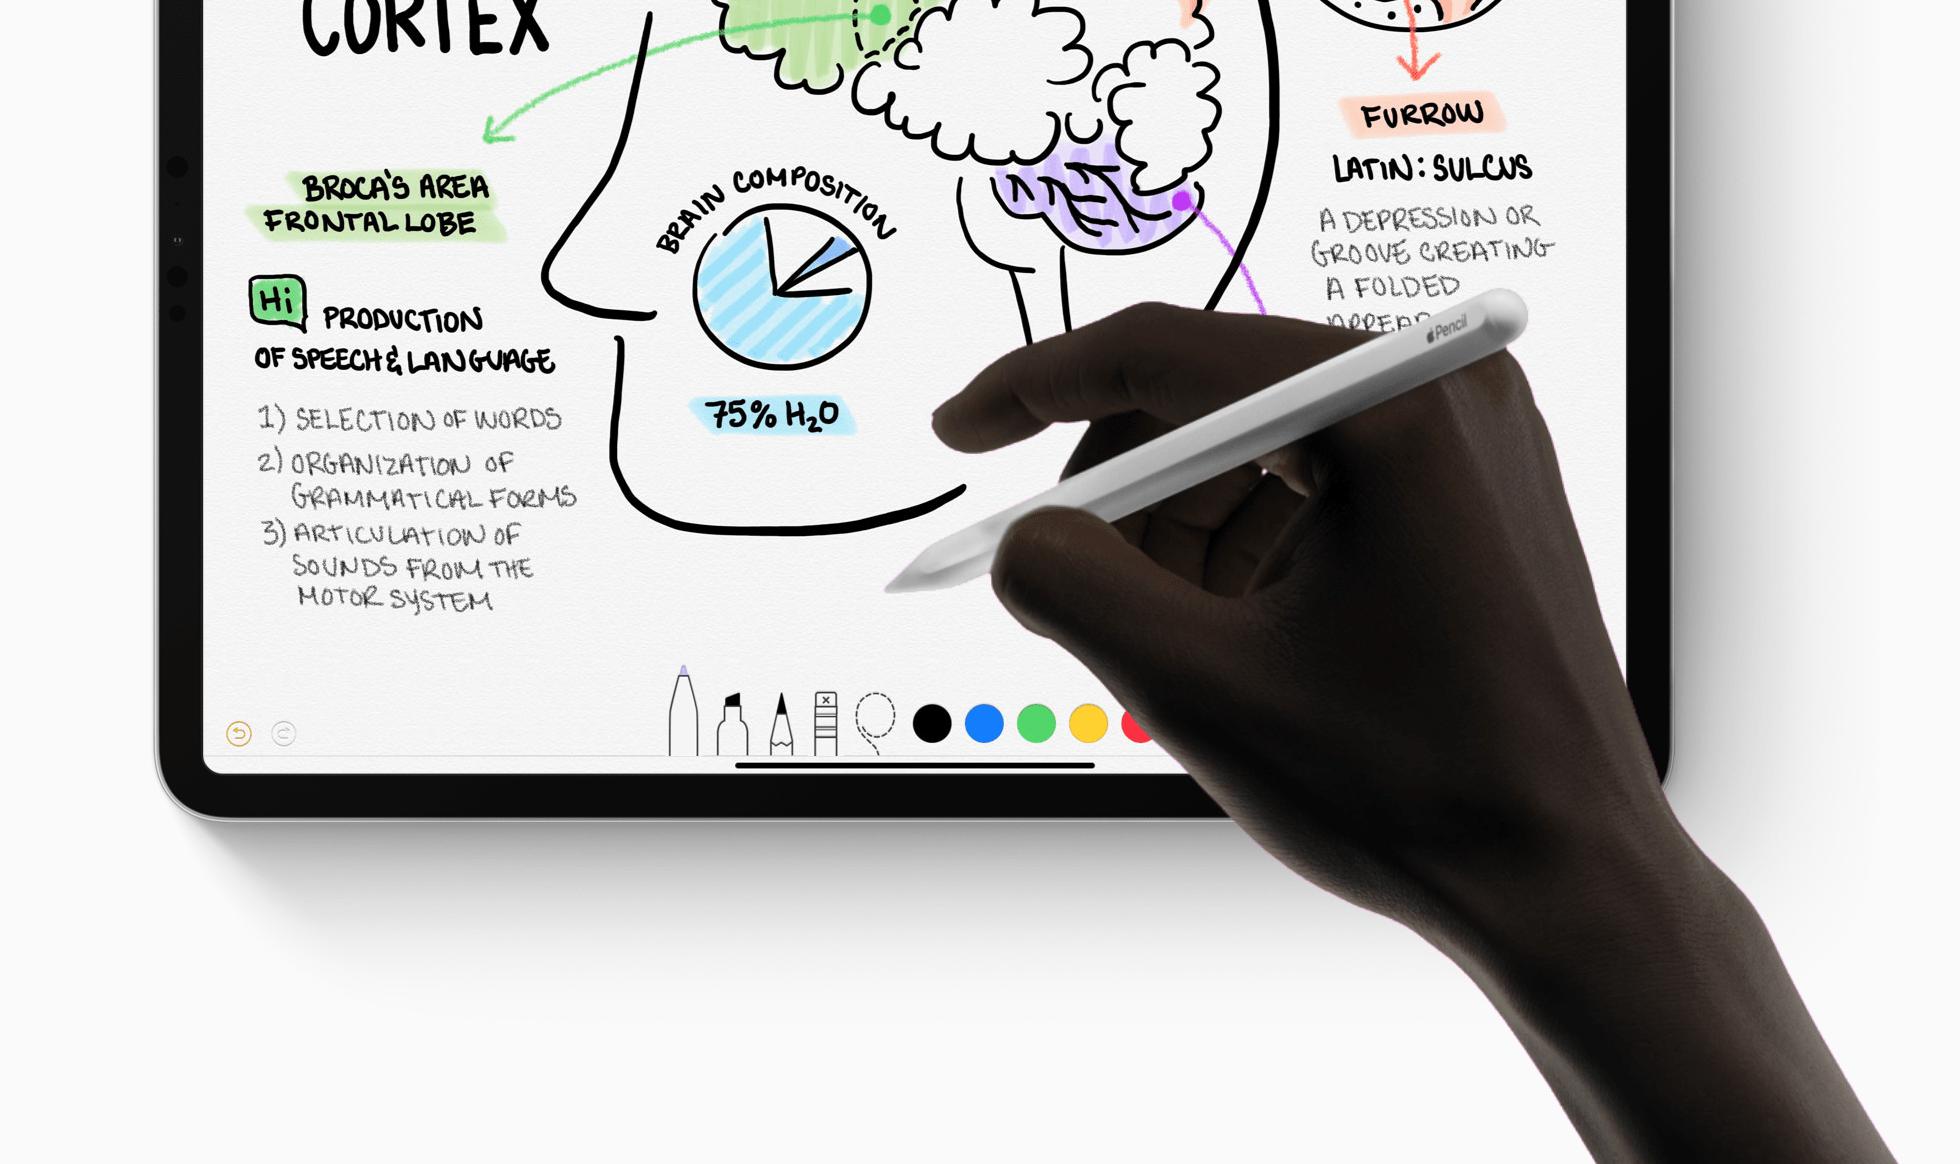 Adobe-k iPad-a ordenagailu eramangarri bihurtu nahi du.  Photoshop ez ezik, Illustrator ere sortu da berarentzat